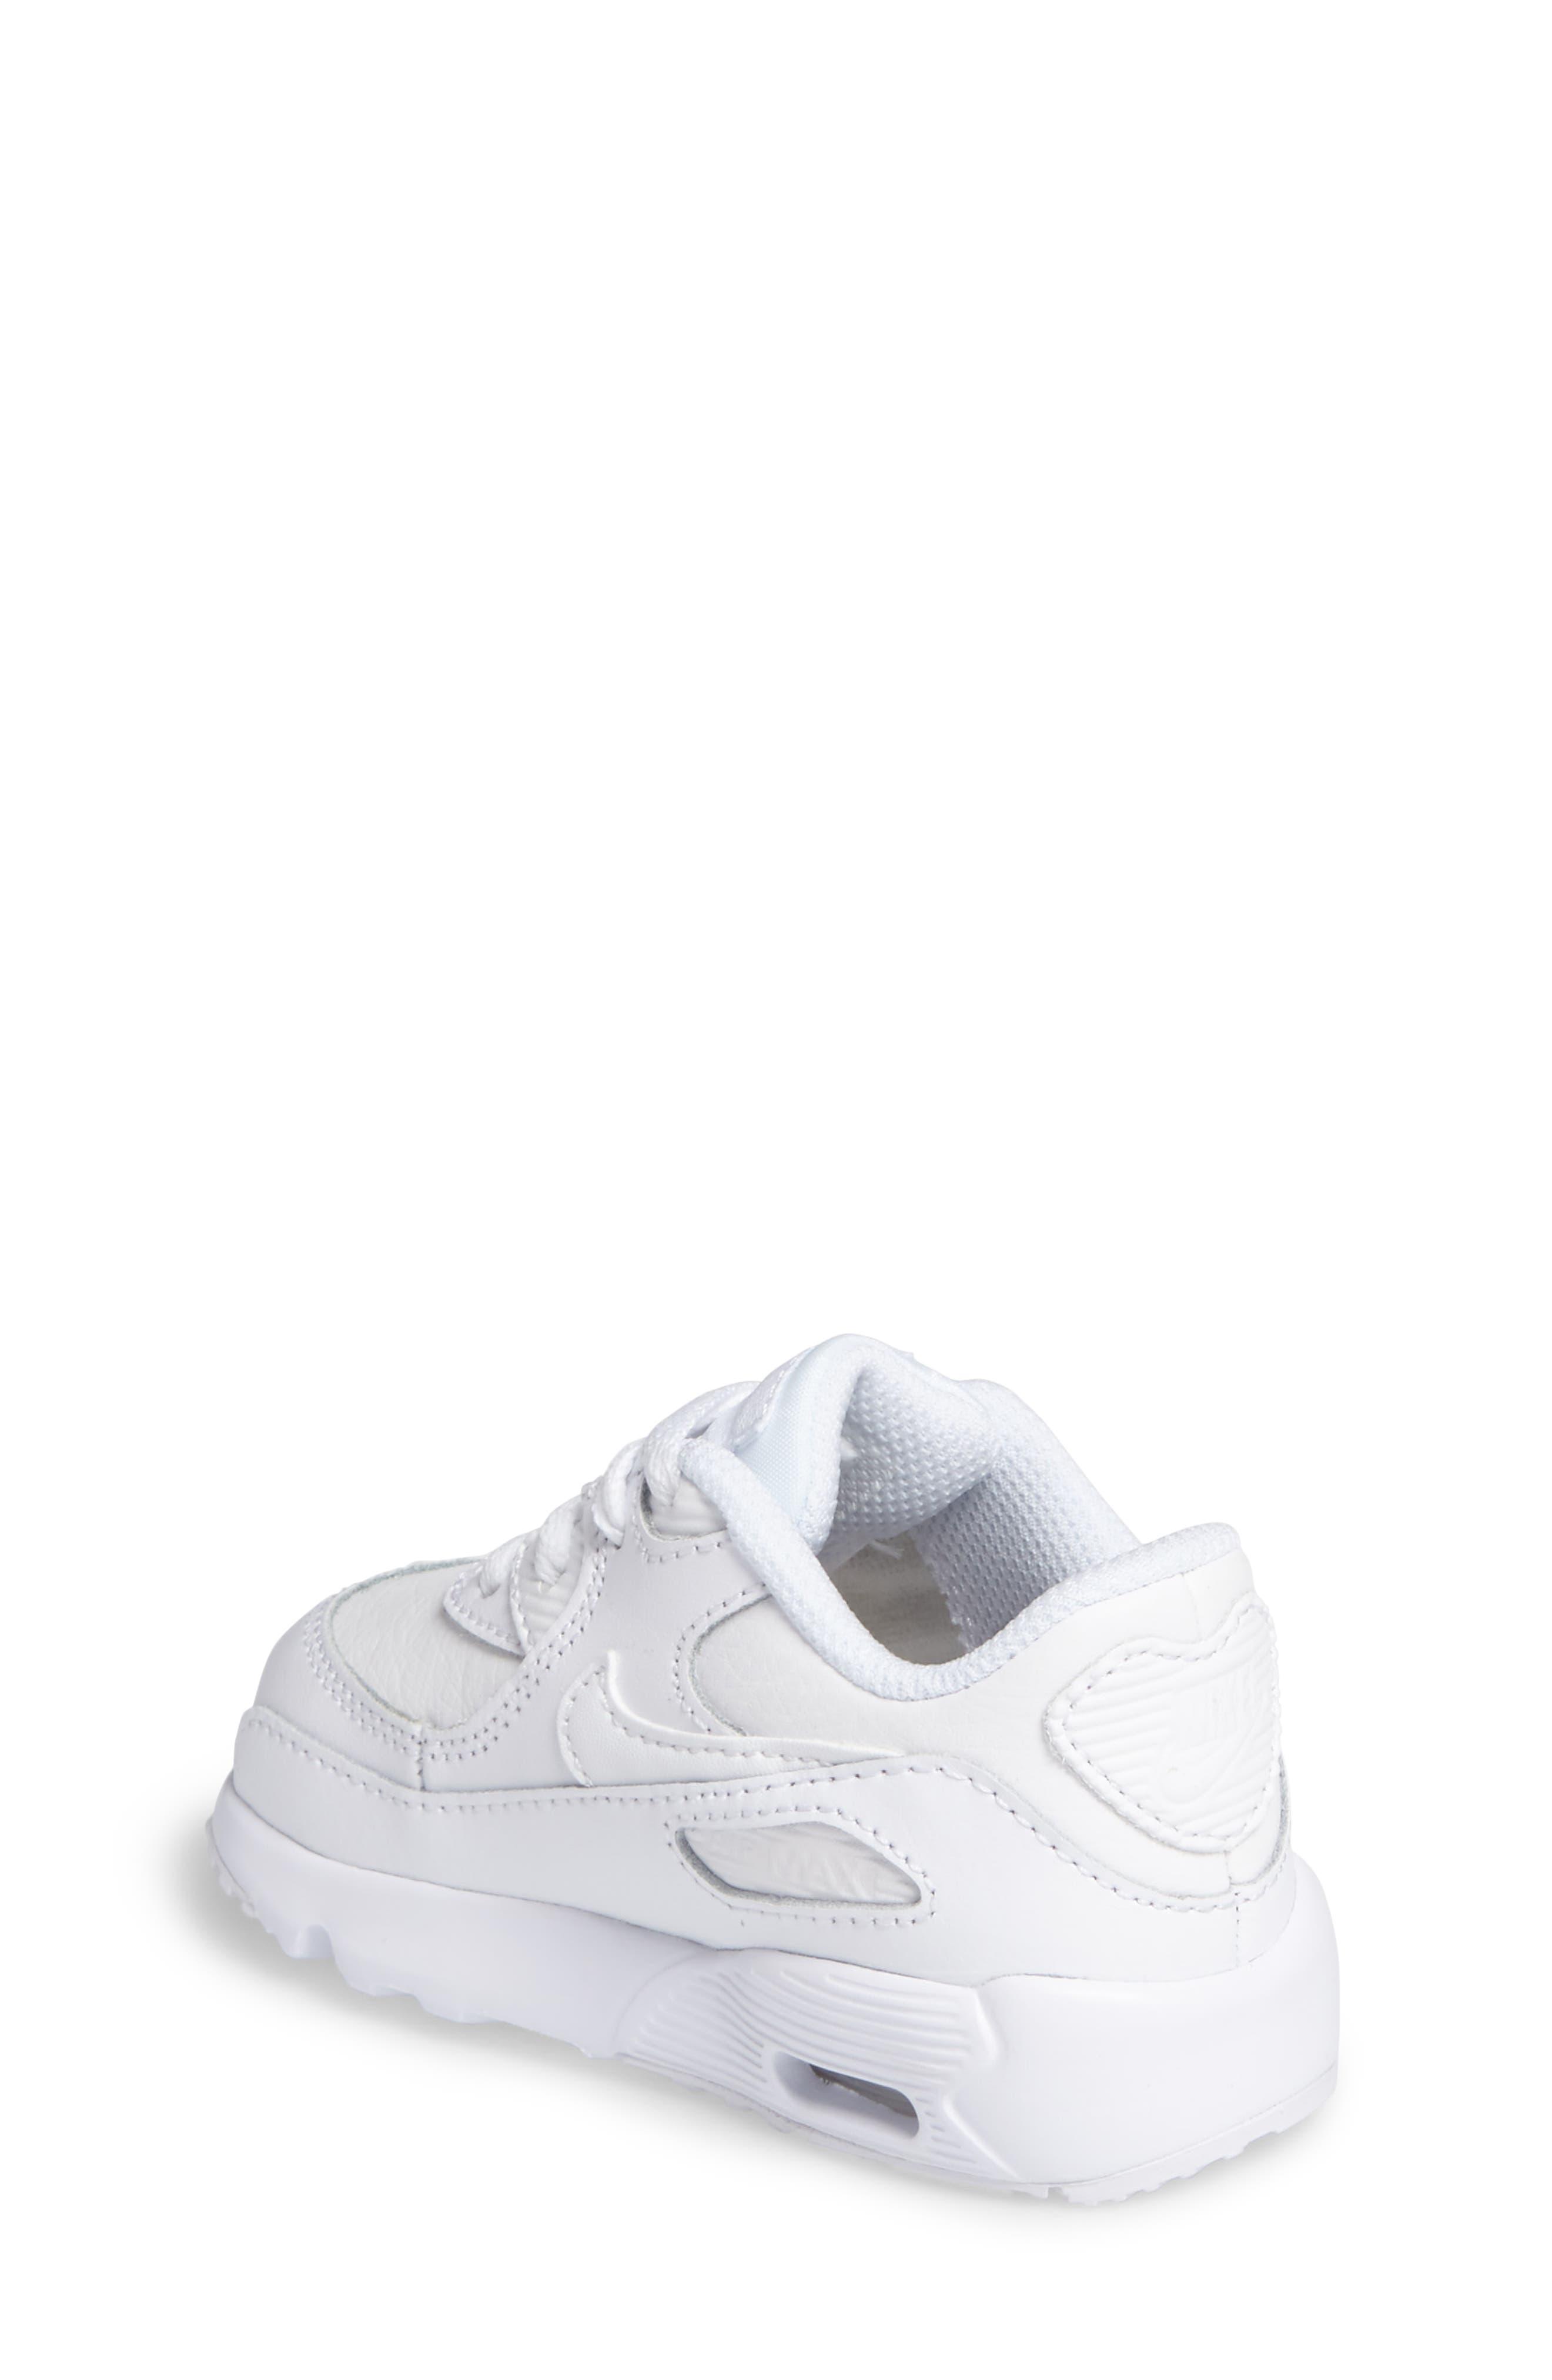 Air Max 90 Sneaker,                             Alternate thumbnail 6, color,